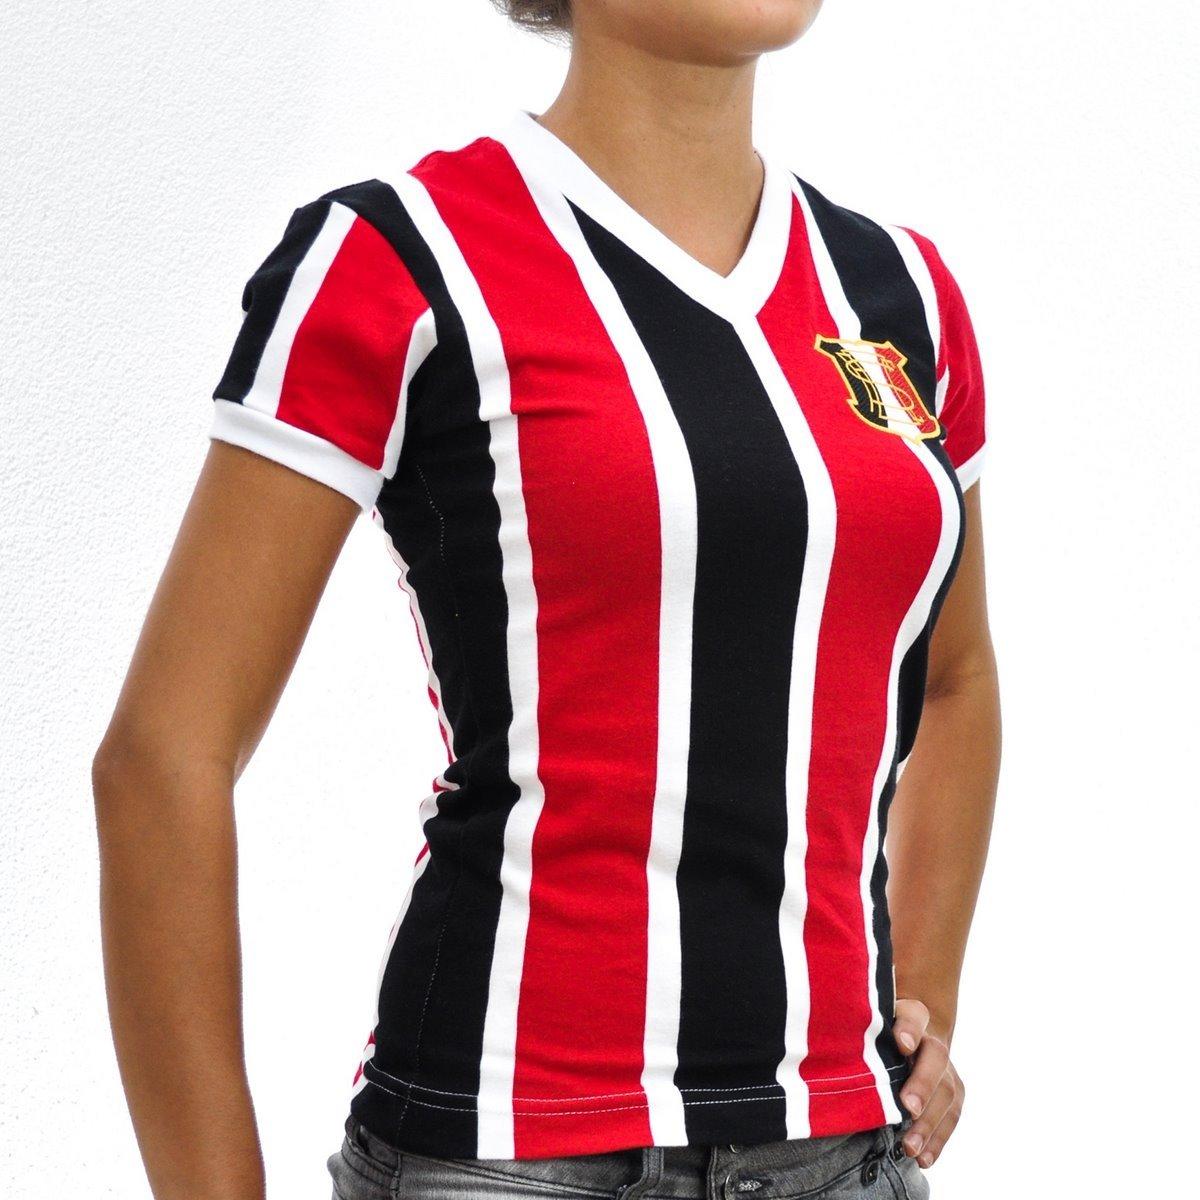 Mania Camisa Retrô 1983 Feminina e Santa PE Preto Cruz Vermelho q5p5Ar